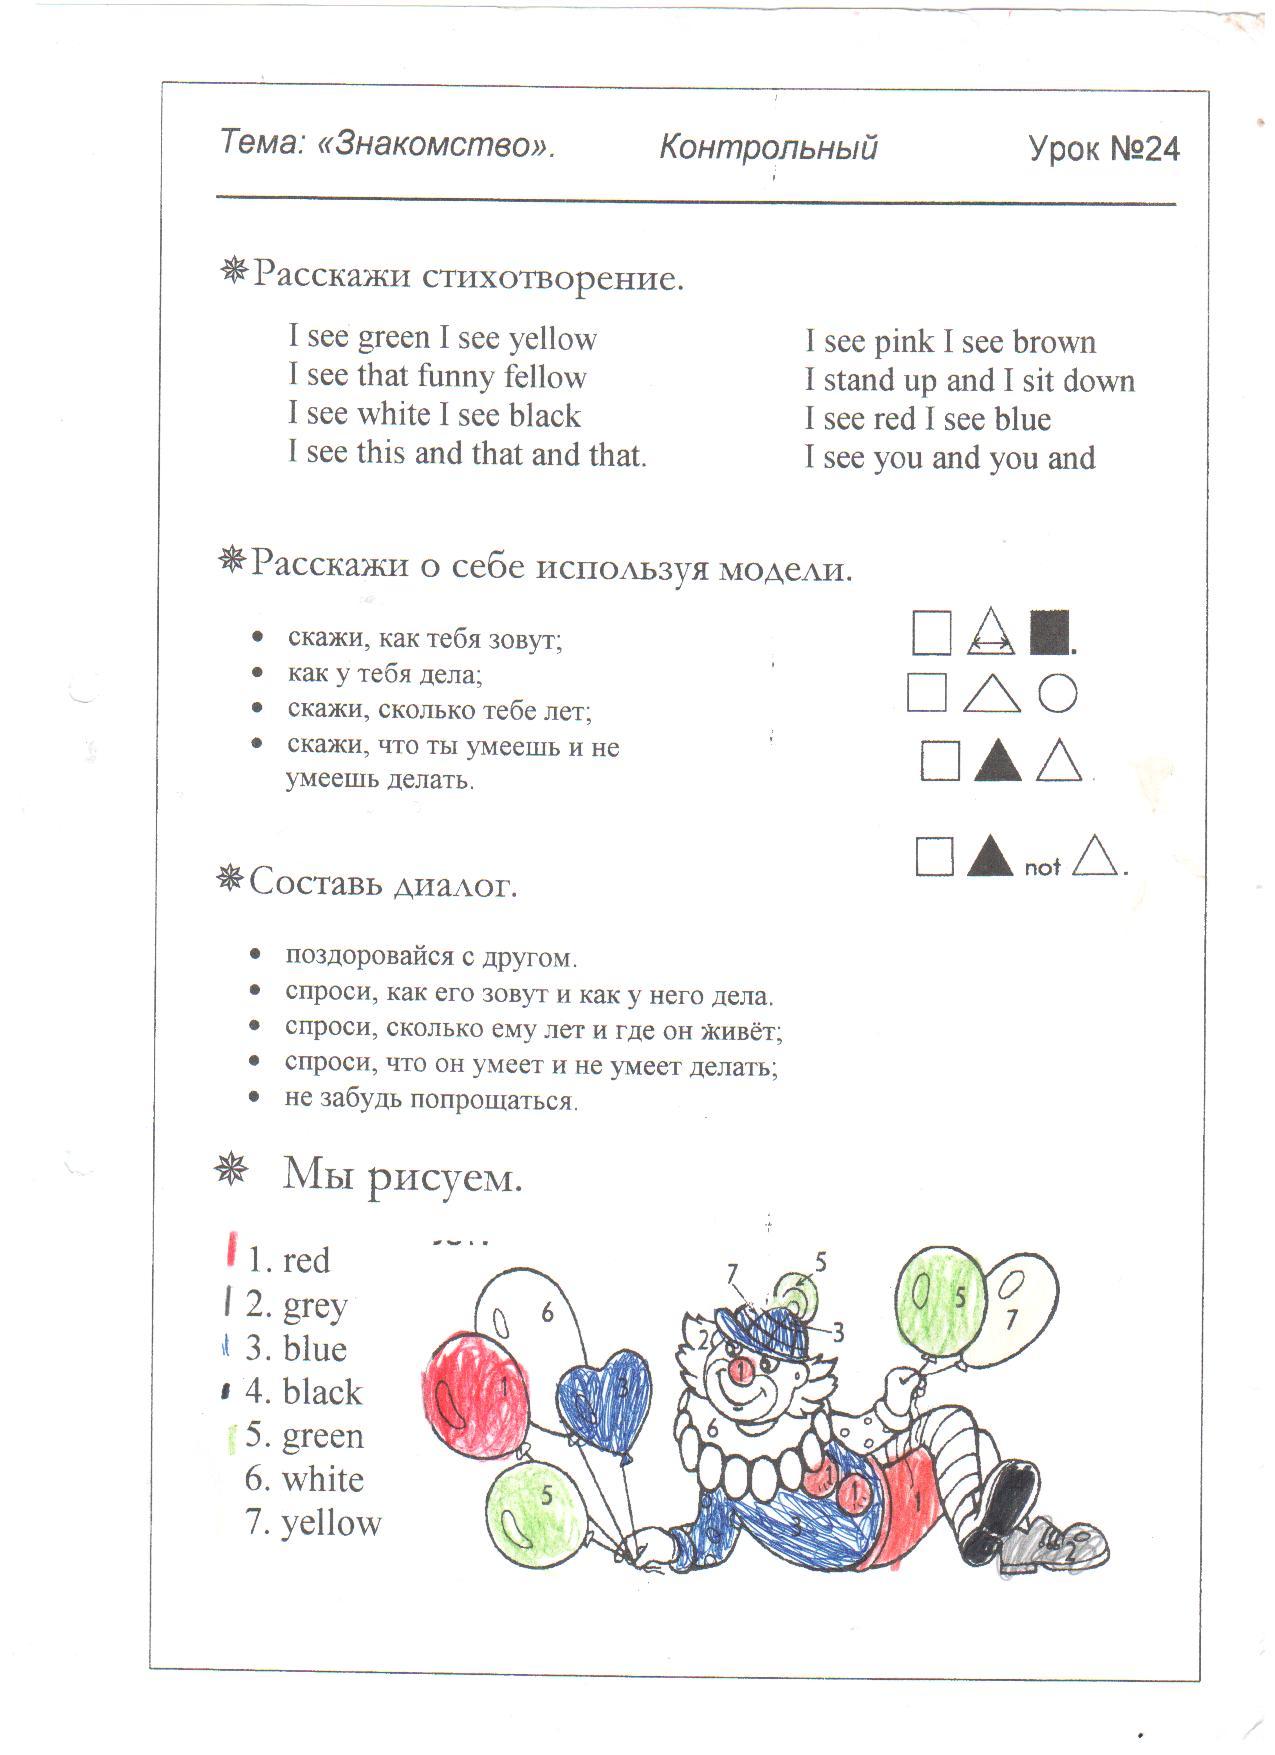 C:\Documents and Settings\Admin\Мои документы\Мои рисунки\Изображение\Изображение 094.jpg